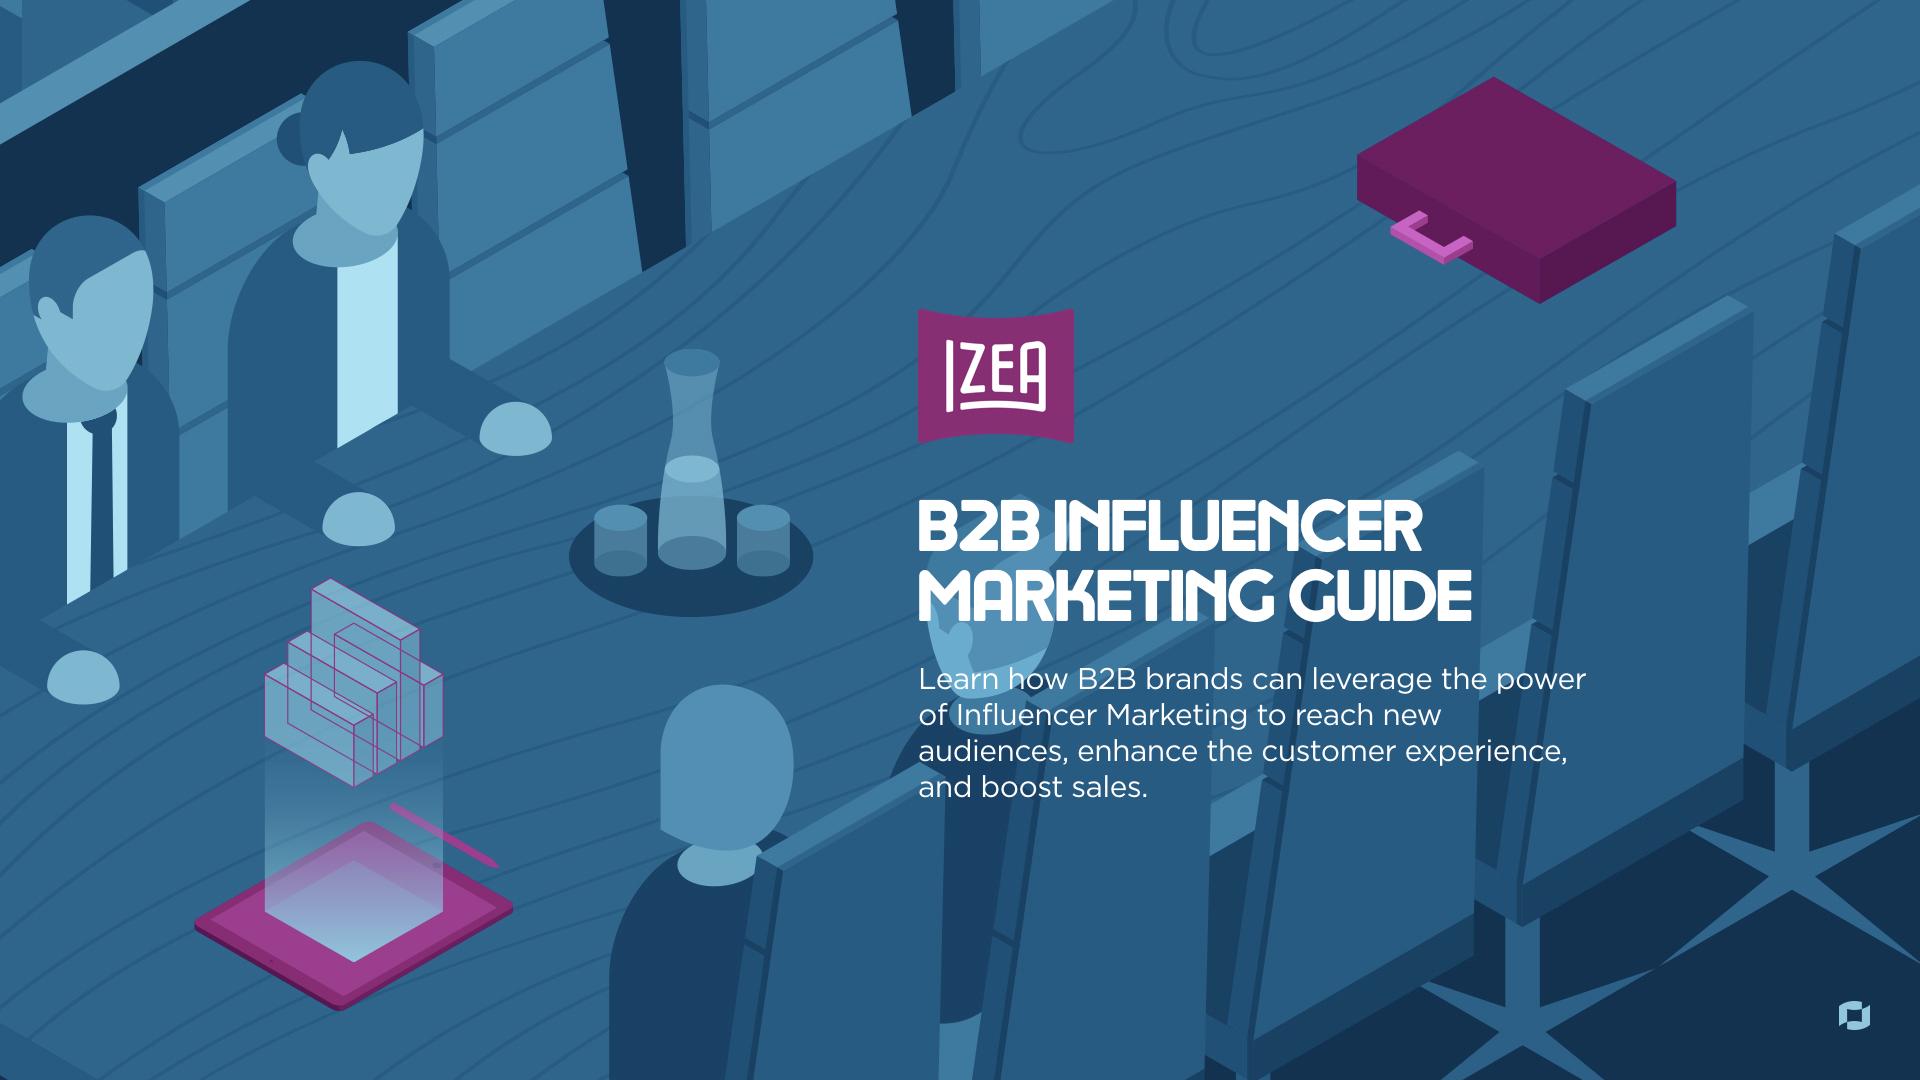 B2B Influencer Marketing Guide